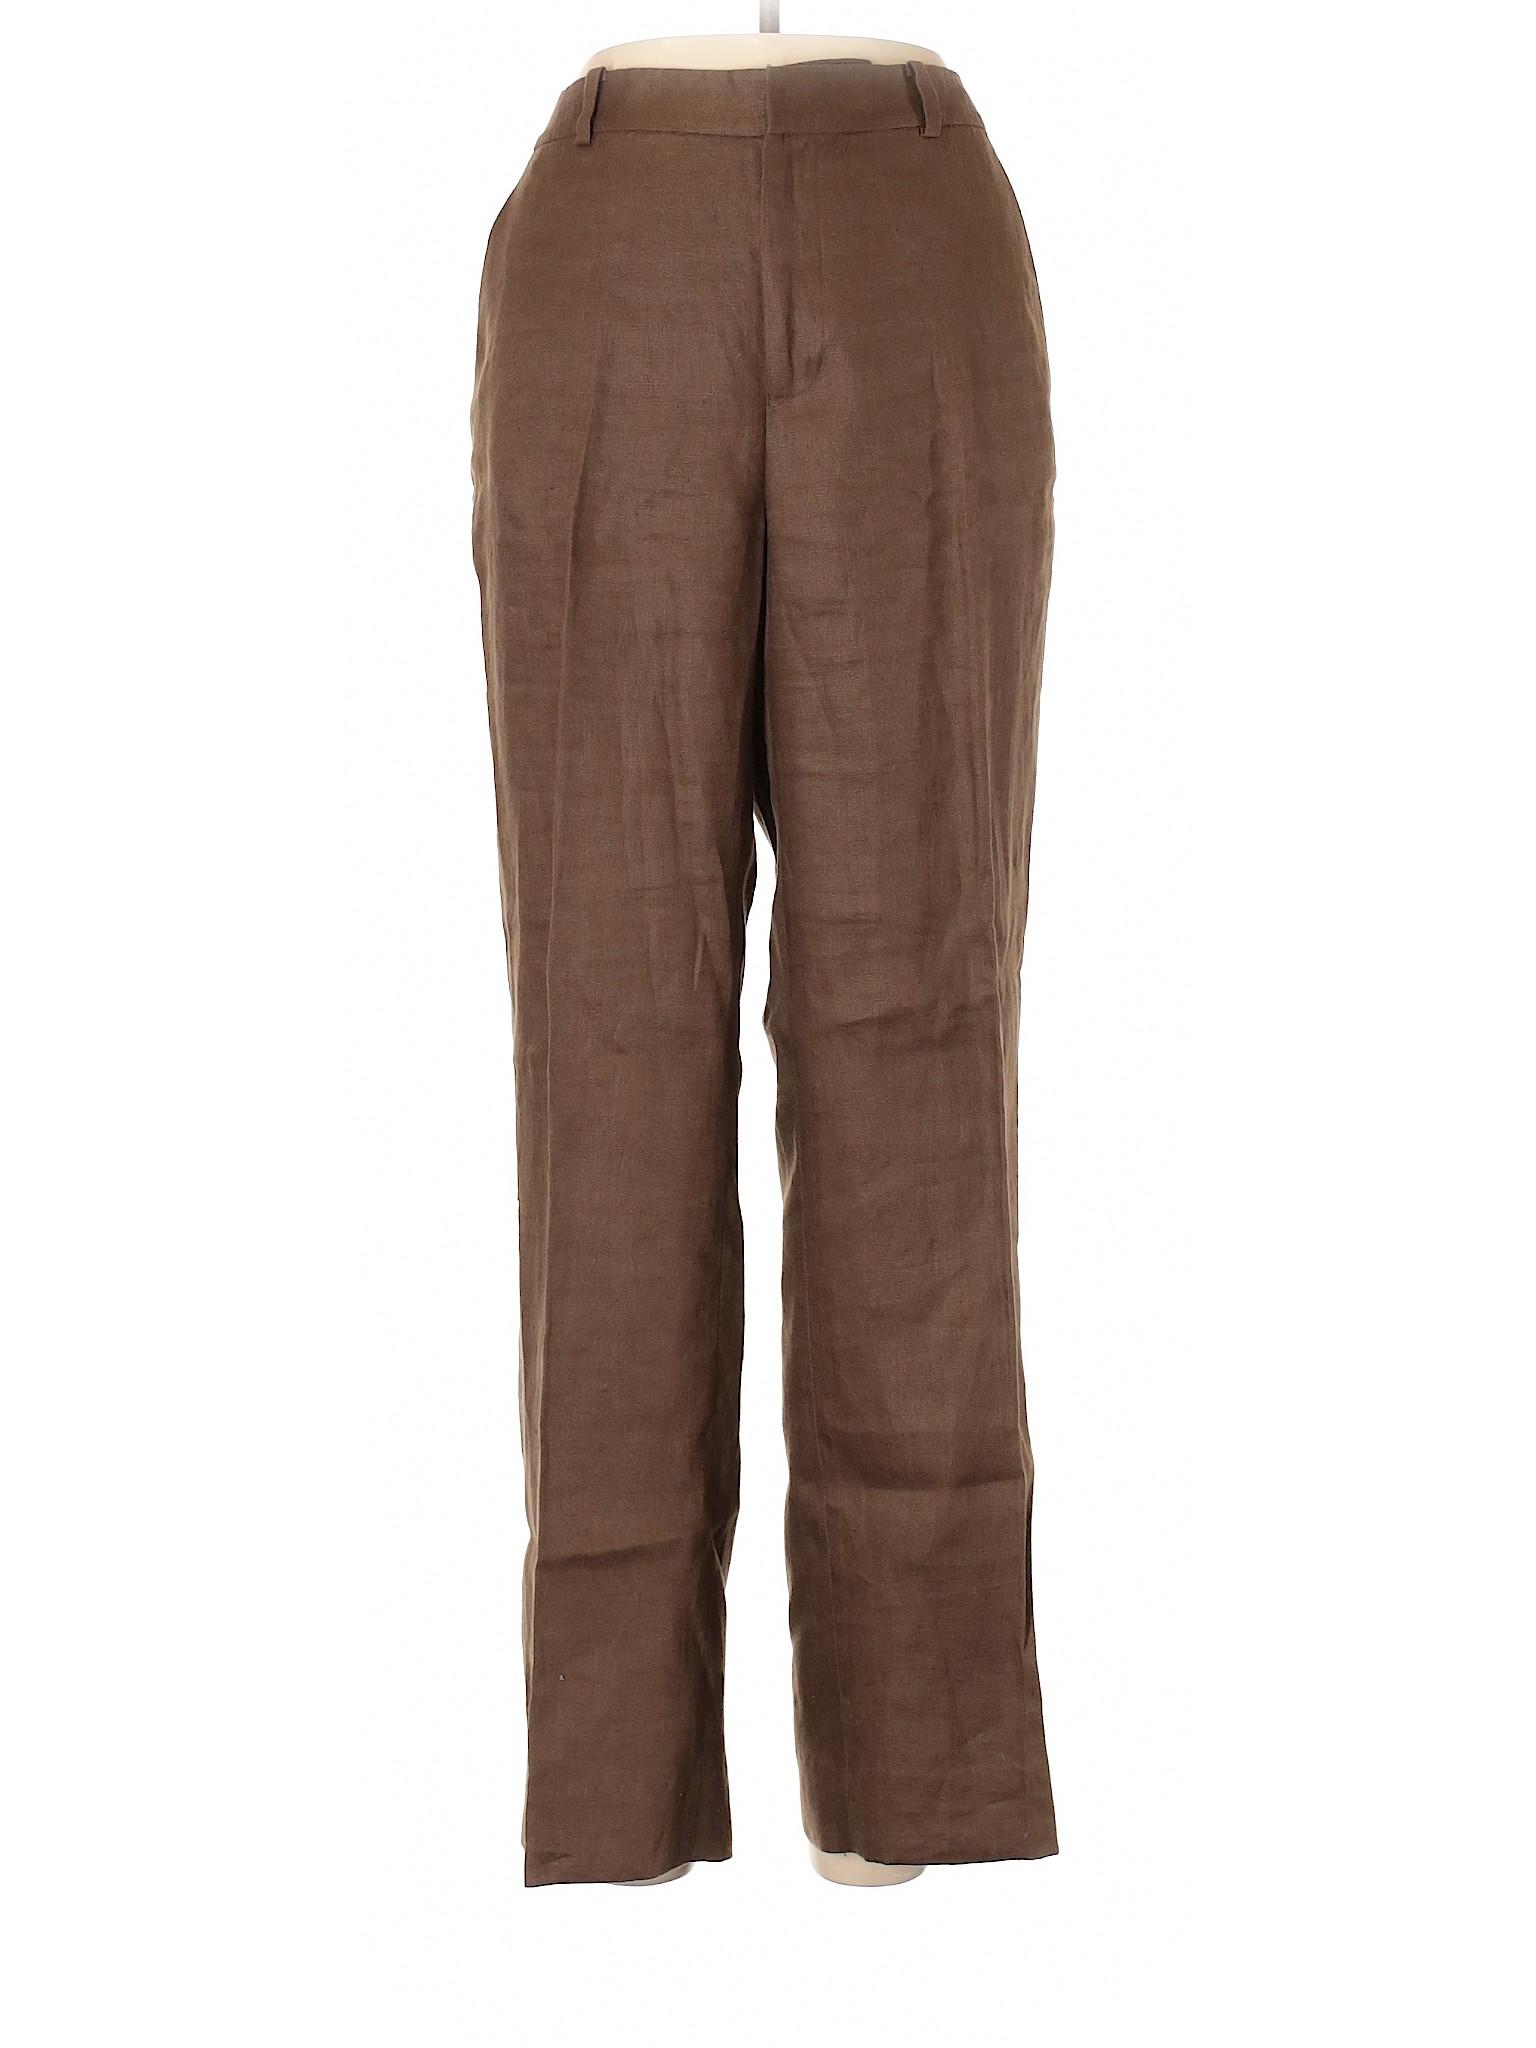 Lauren winter Leisure Linen Pants by Ralph Lauren STnqn0gAv